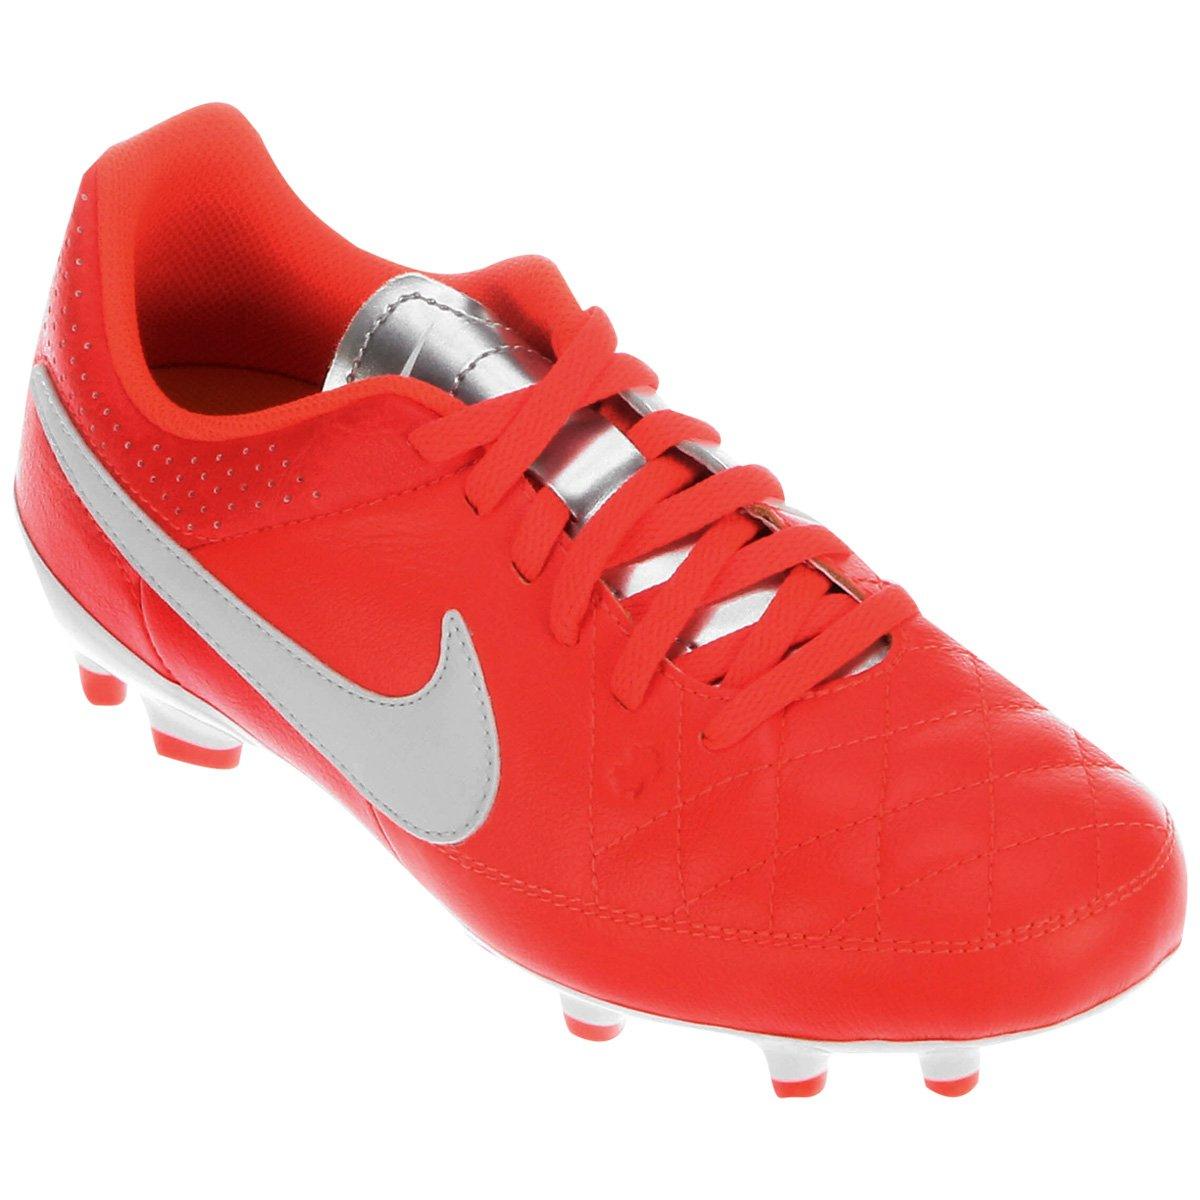 Chuteira Nike Tiempo Gênio Leather FG Campo Infantil - Compre Agora ... e193b4e8fe07e